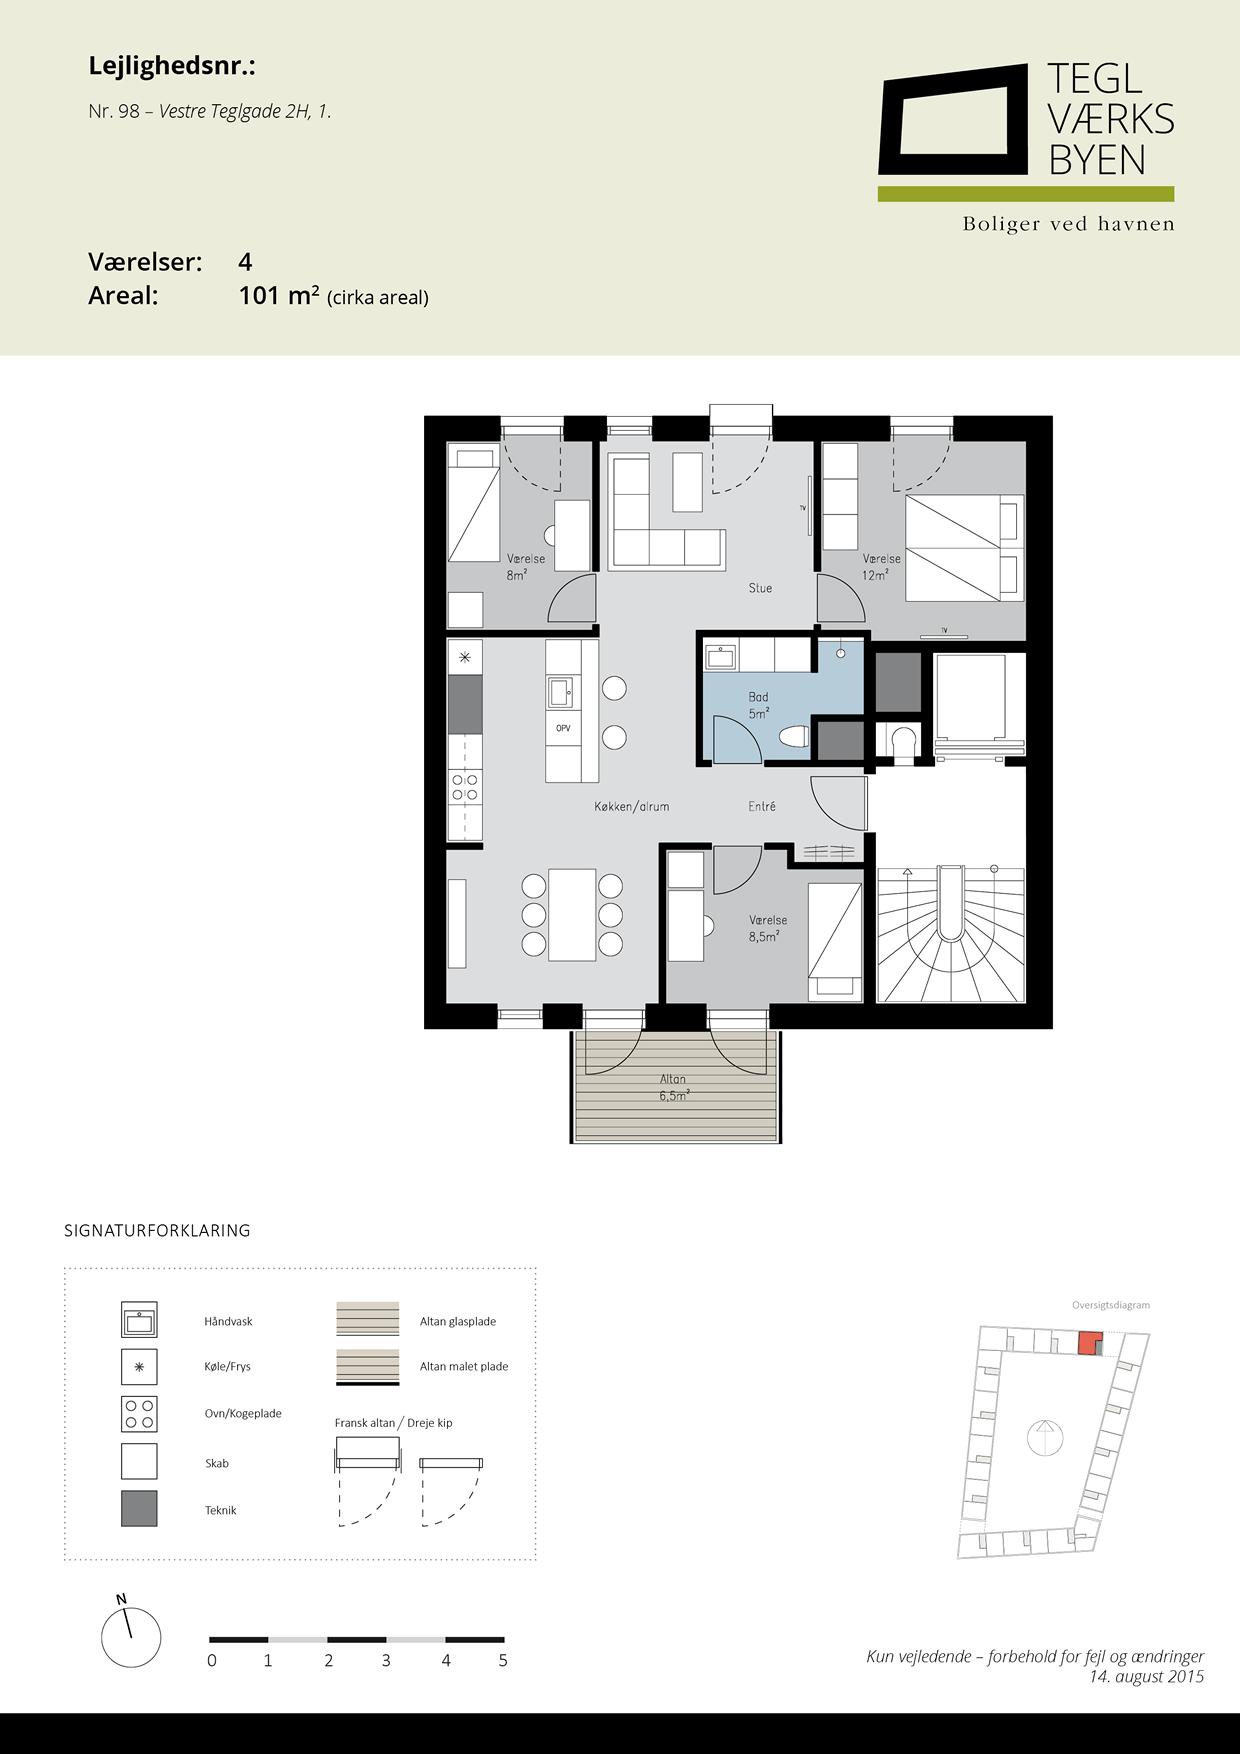 Teglvaerksbyen_98_plan